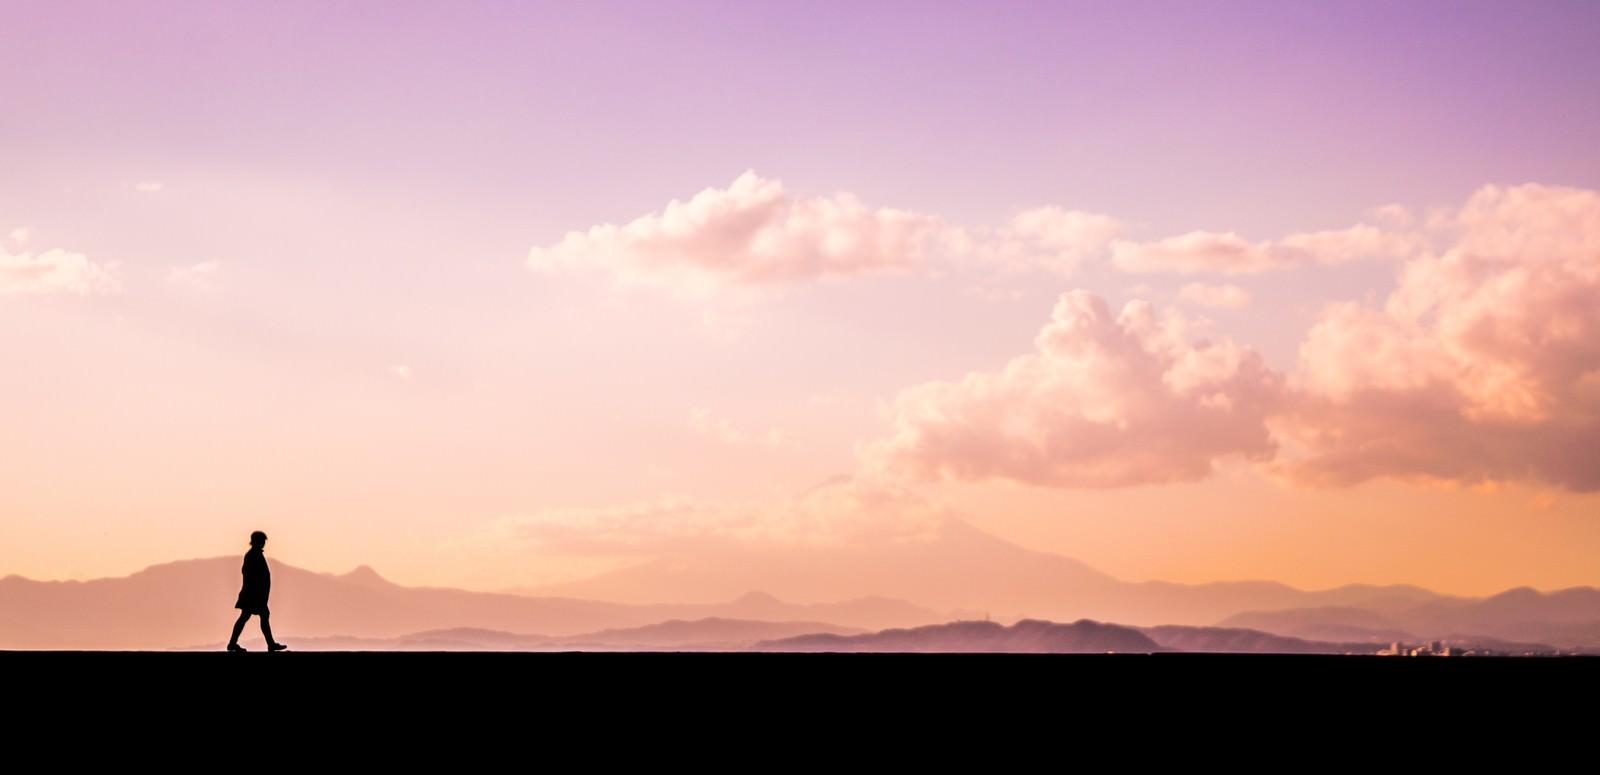 「夕焼け時刻に散歩する男性のシルエット」の写真